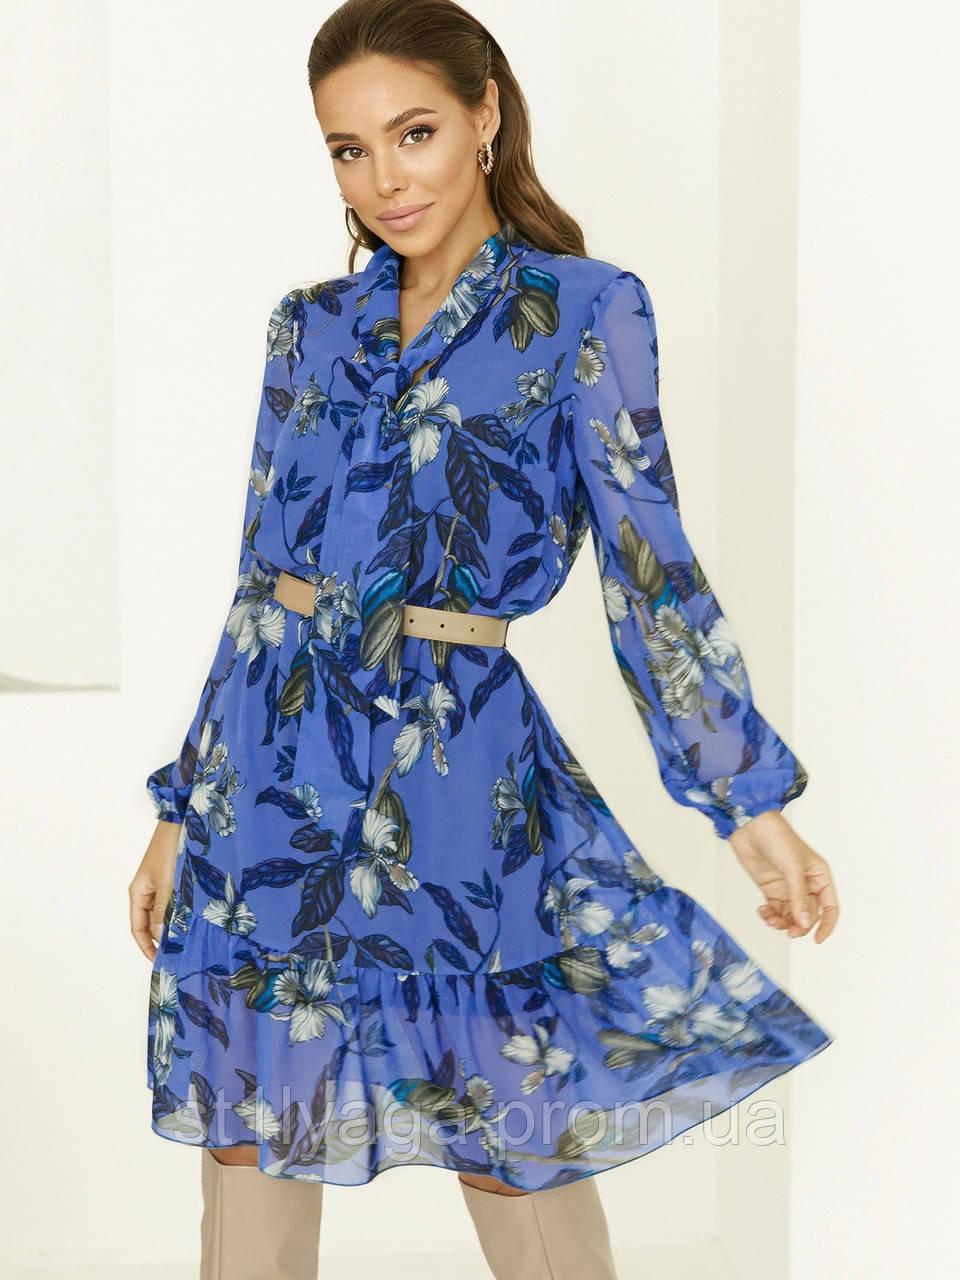 Блакитне плаття з шифону в квітковий принт з воланом по низу